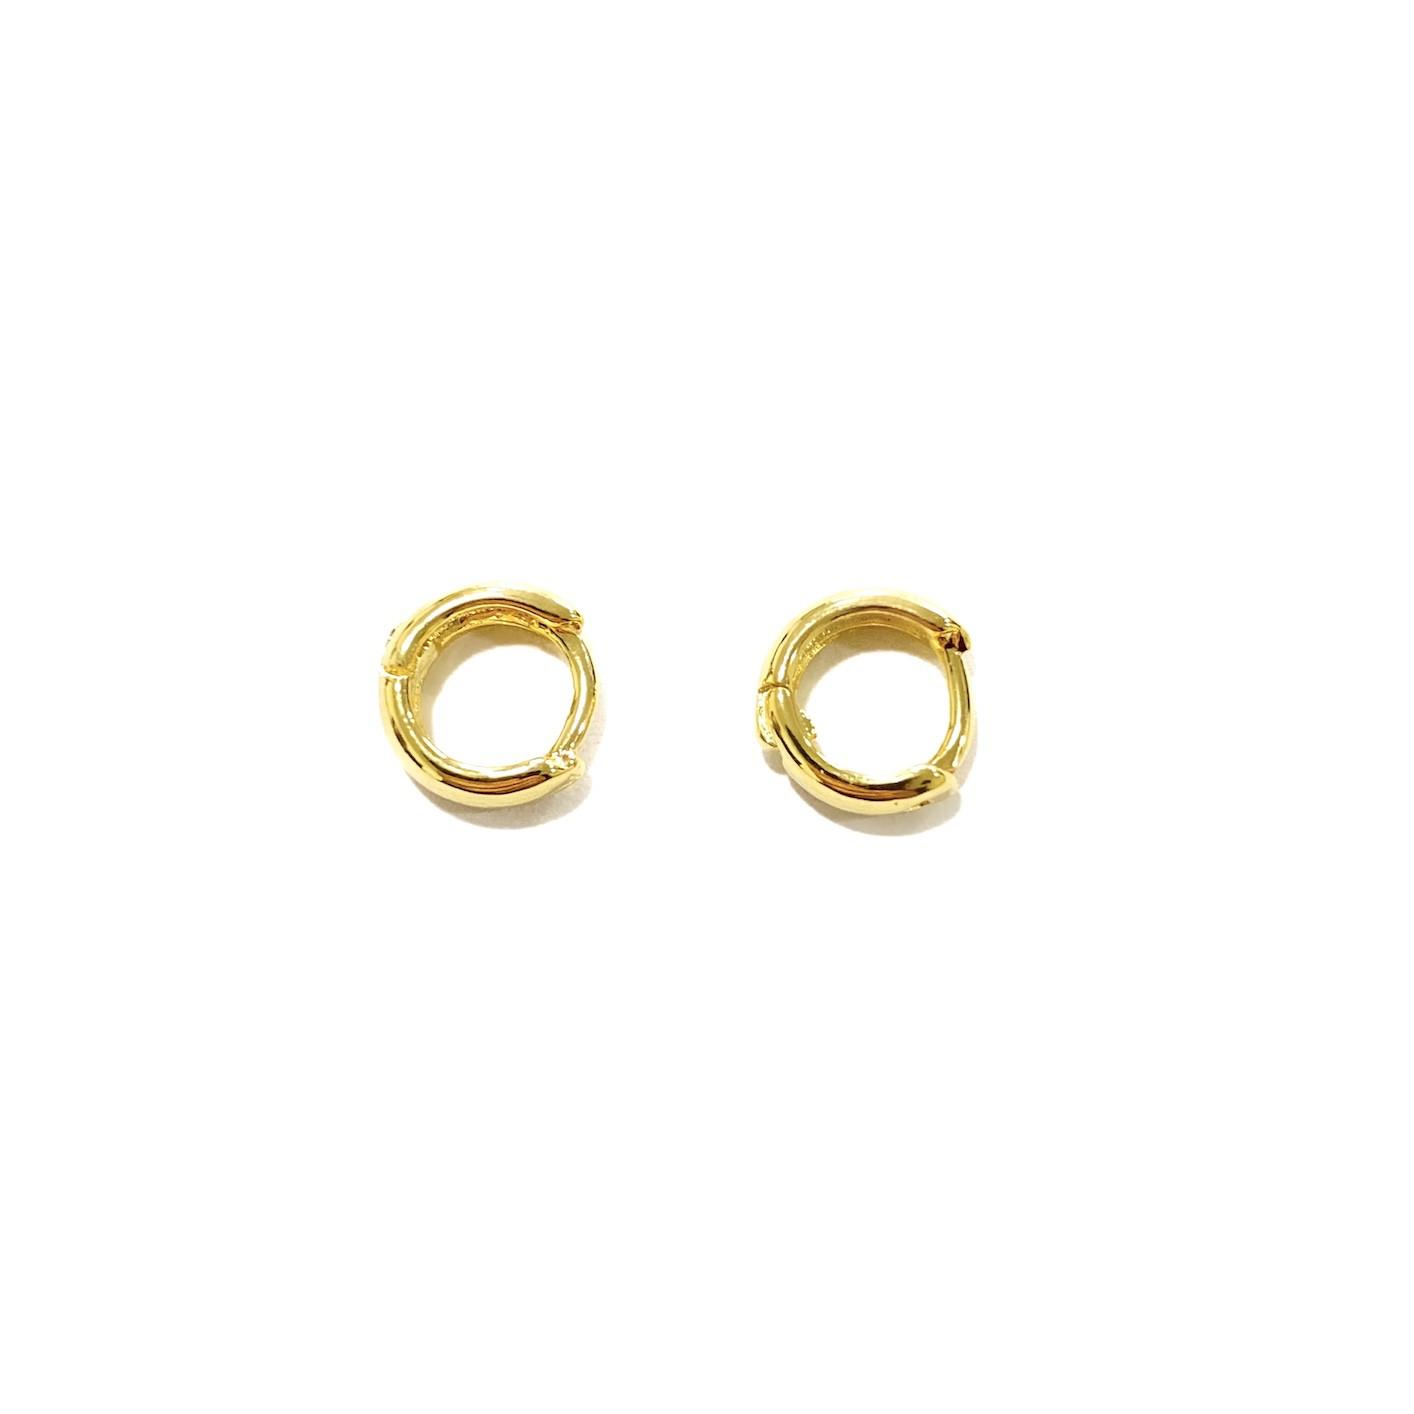 Brinco Argola Anatômica P (Banho Ouro 24k) (Piercing Hélix)